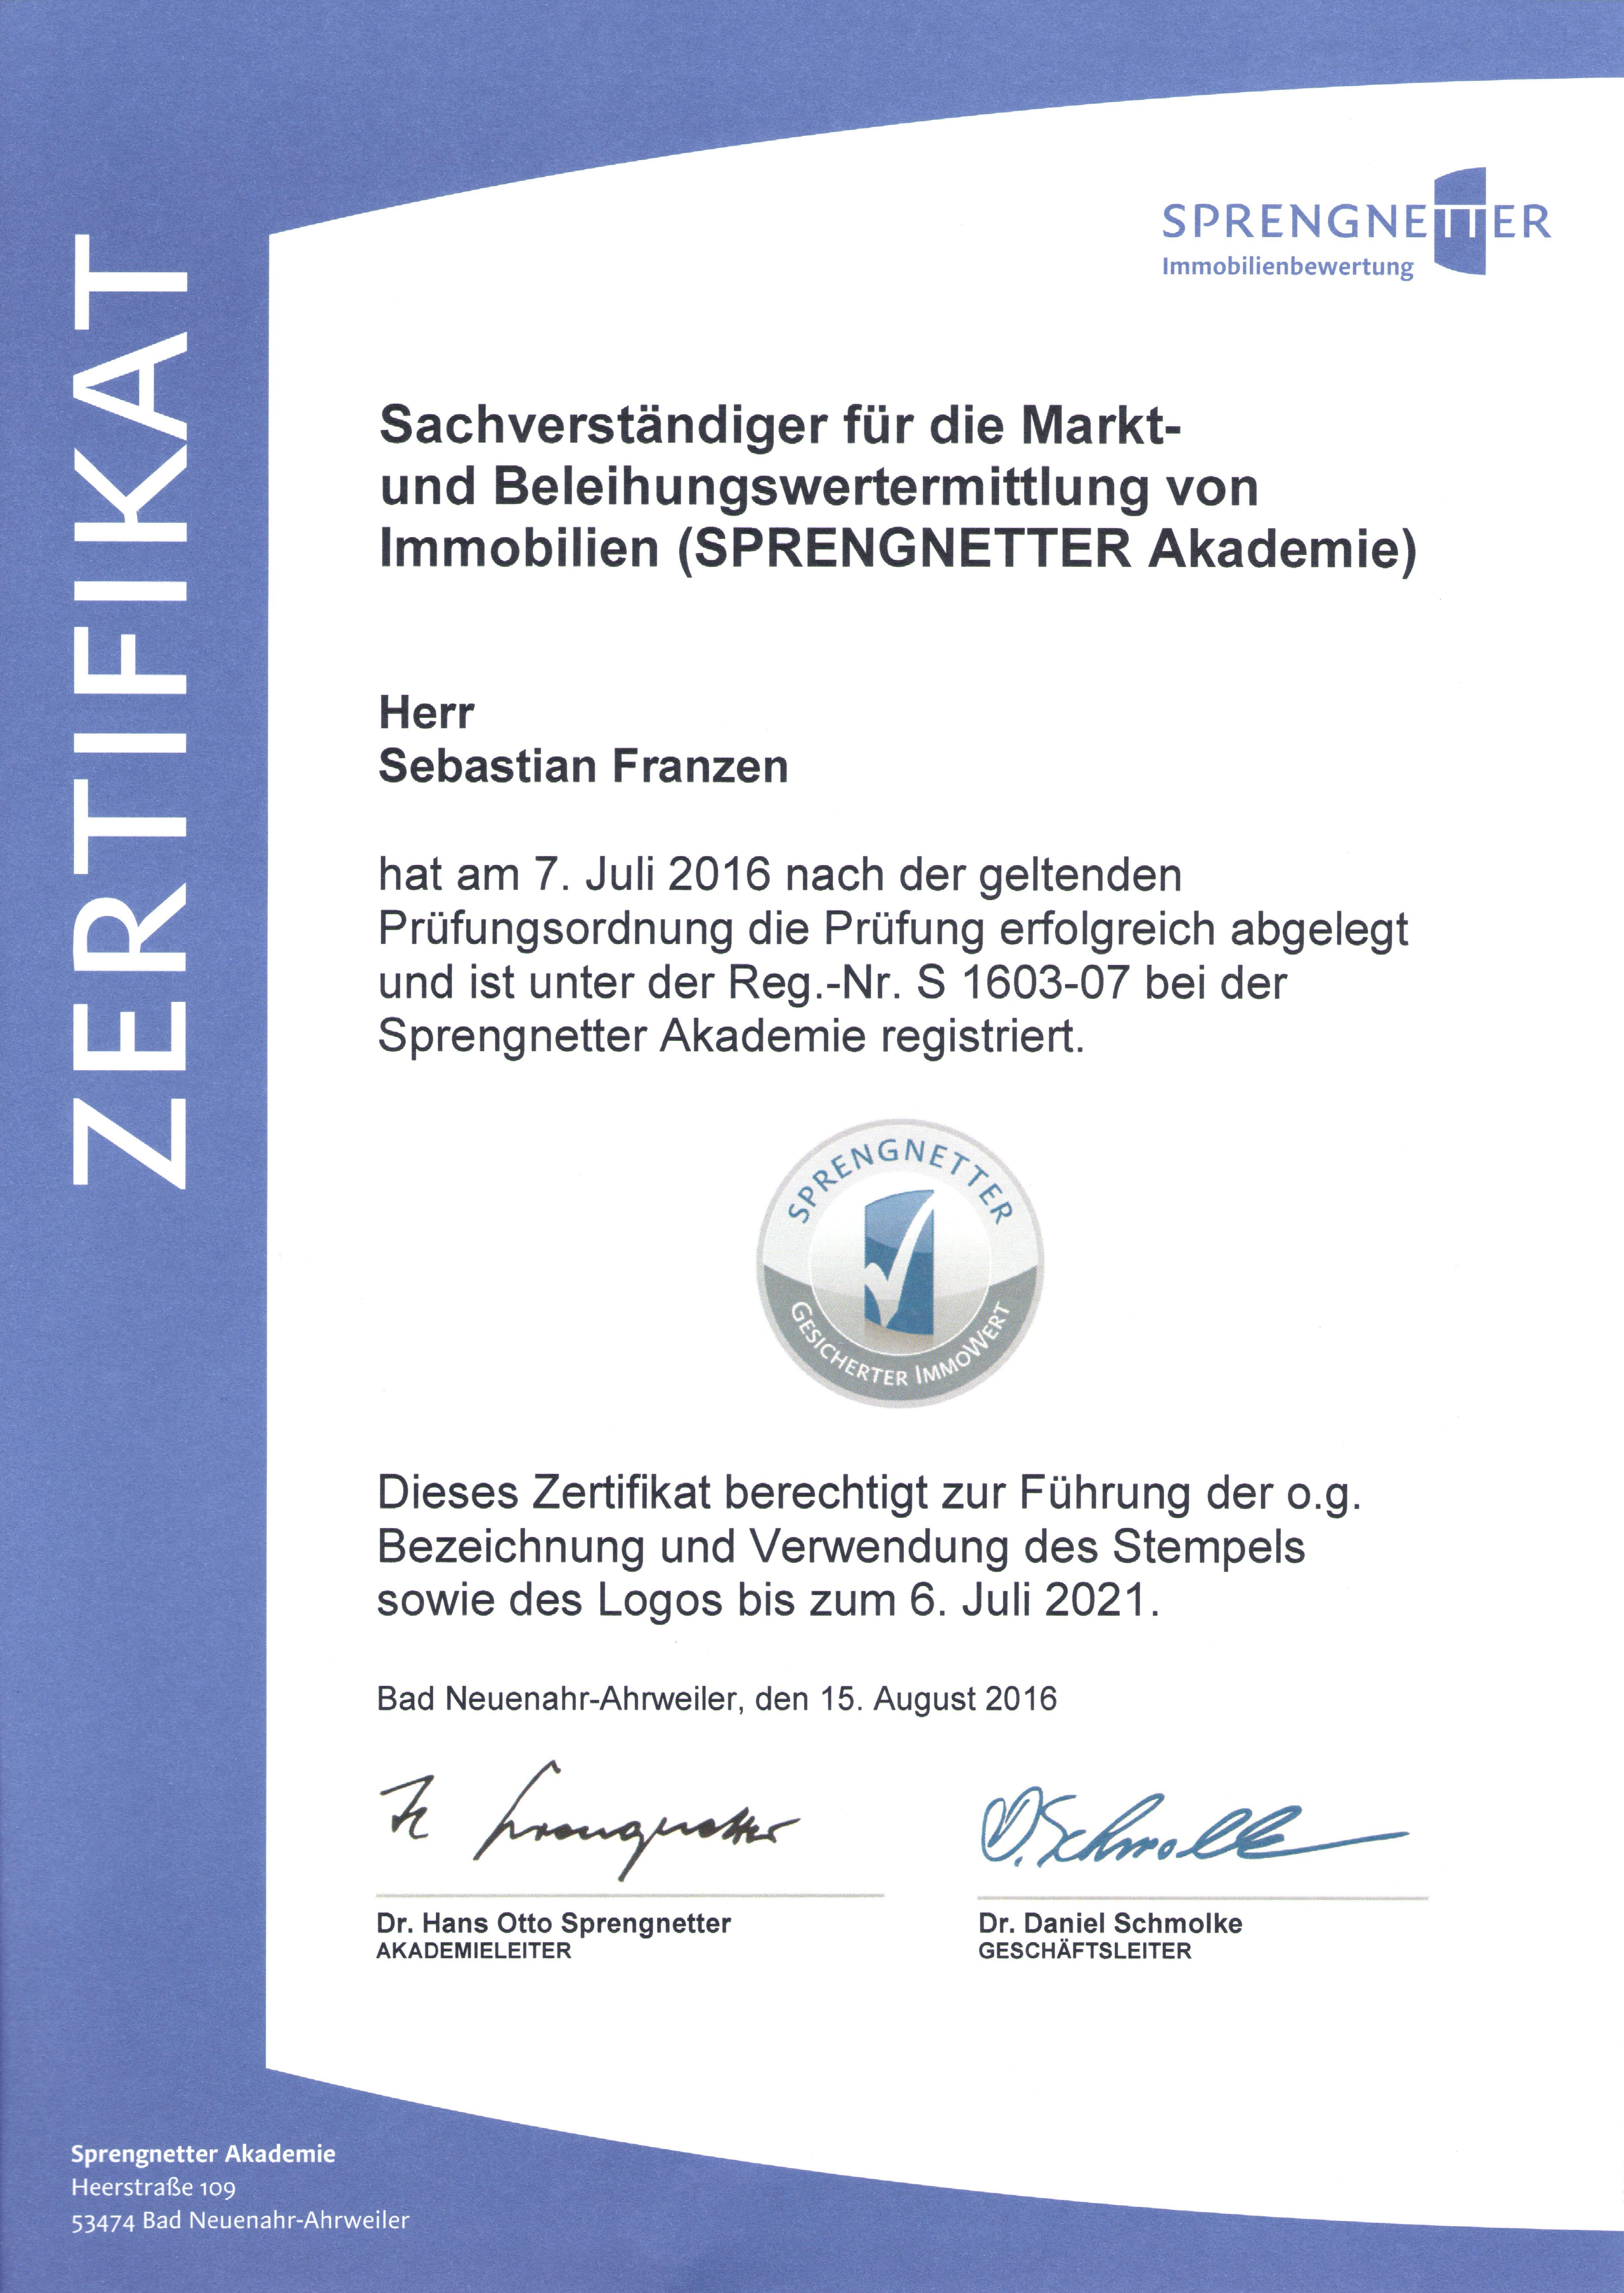 Zertifikat Sachverständiger für die Markt- und Beleihungswertermittlung von Immobilien (Sprengnetter Akademie)